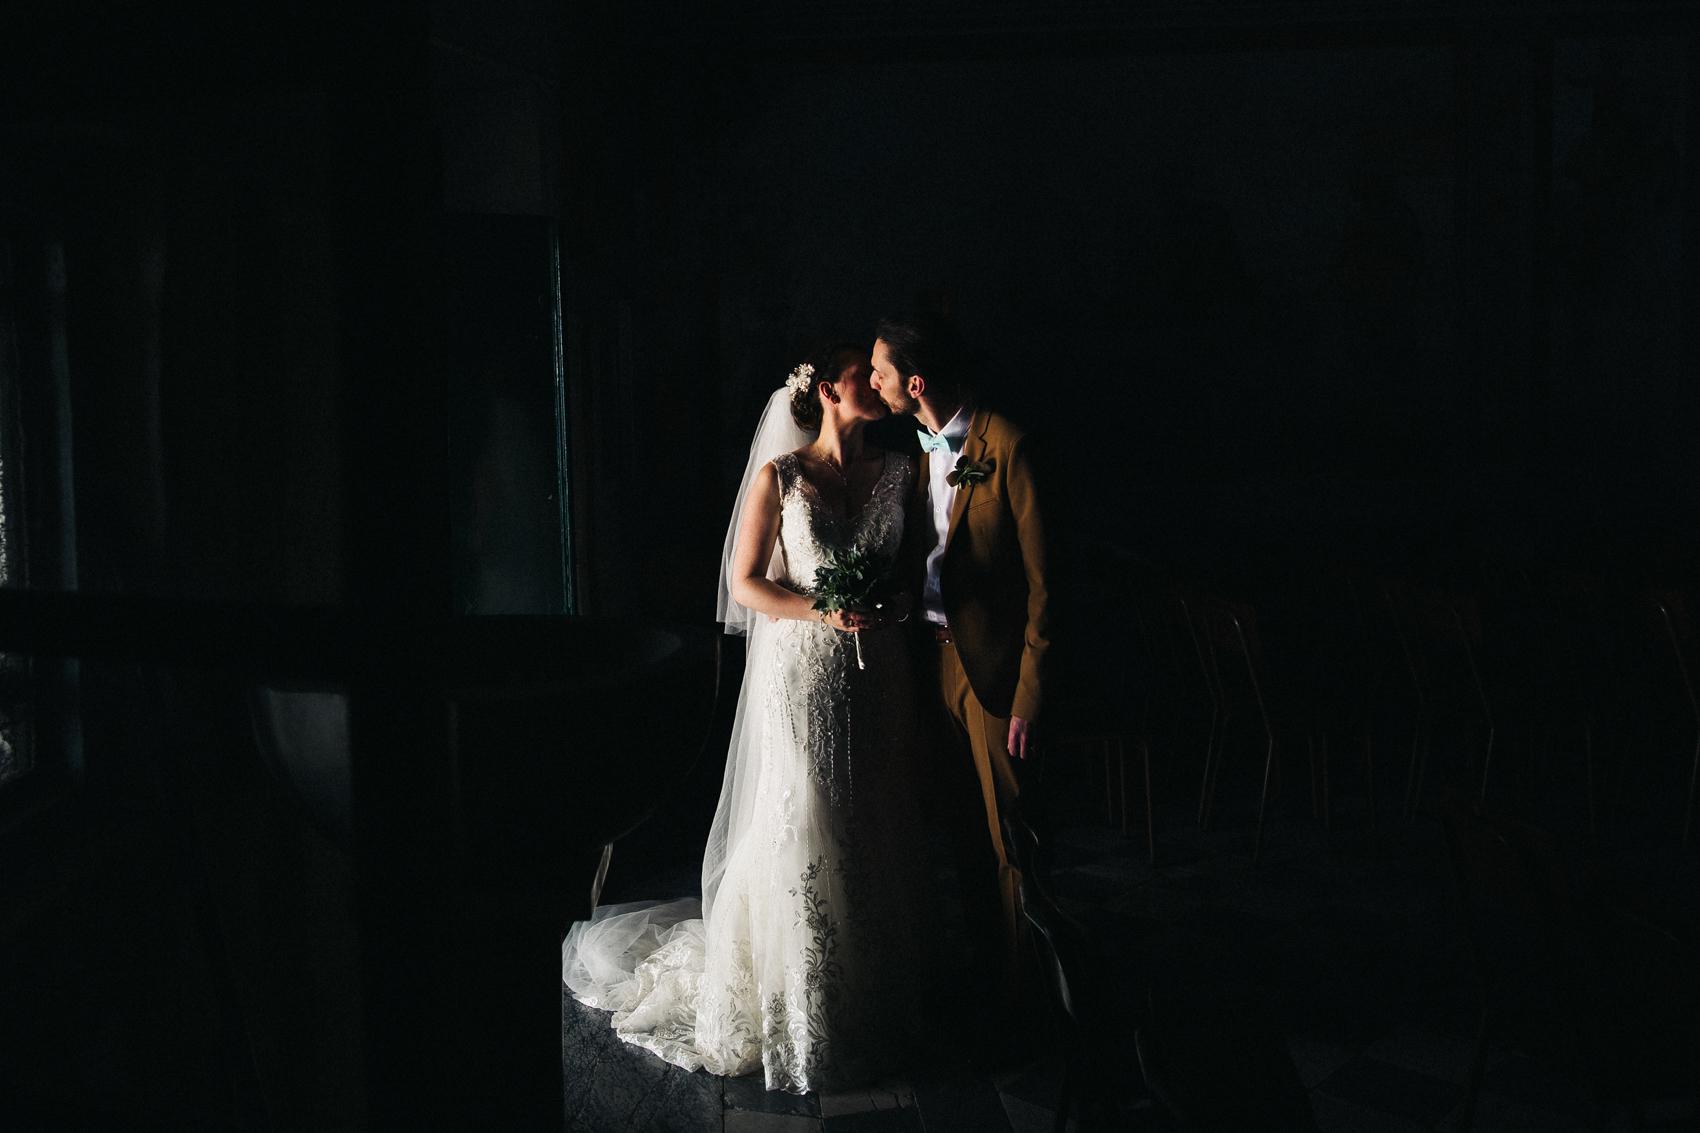 destination-wedding-photographer-italy-florence-tuscany-umbria-chiavari-0072.jpg